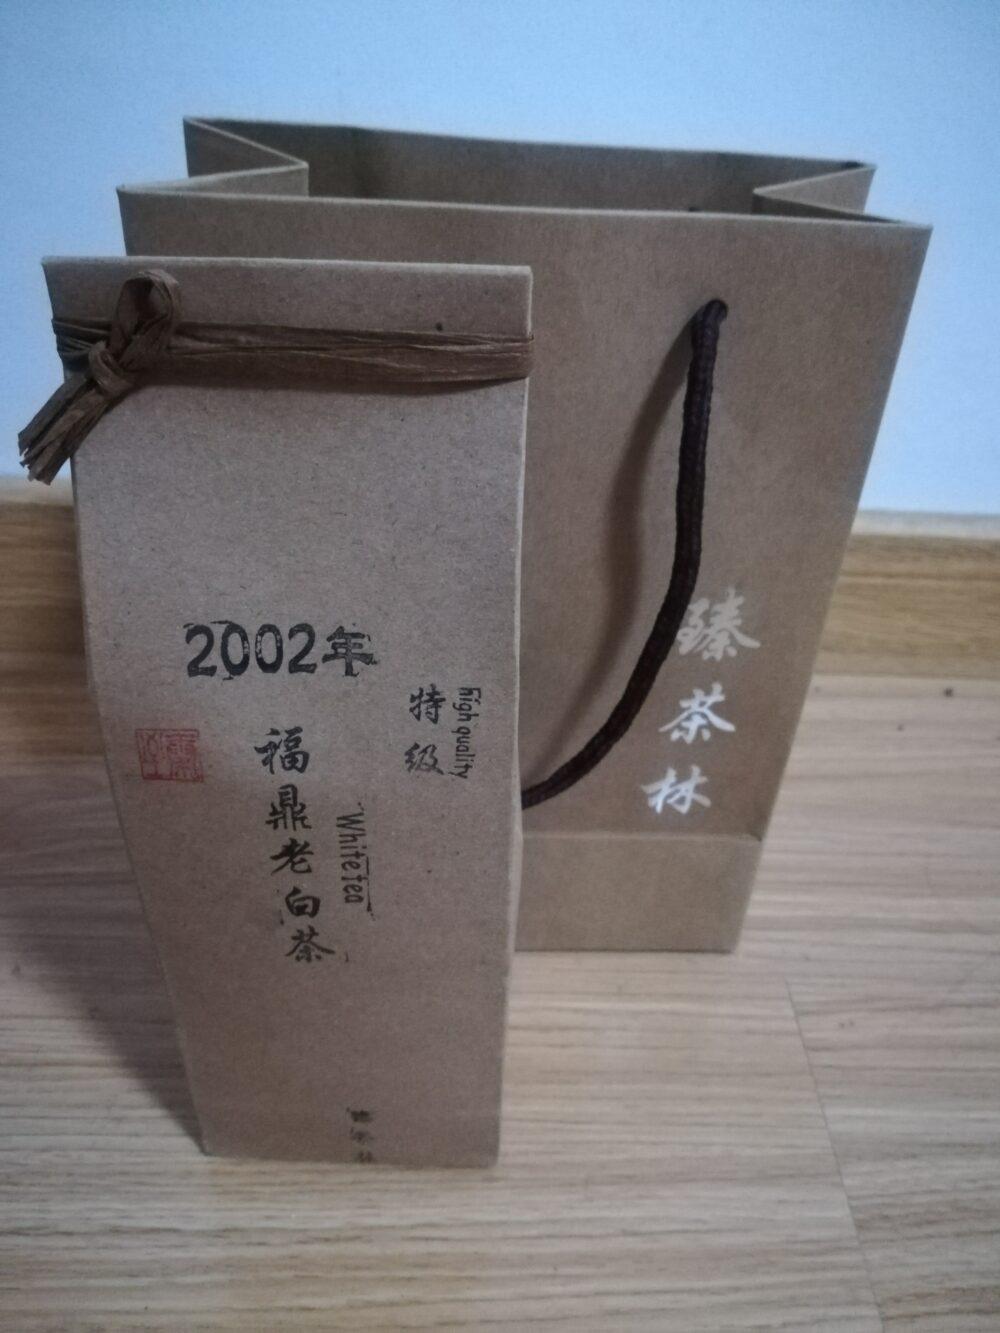 臻茶林でお土産として購入した白茶(ホワイトティー)